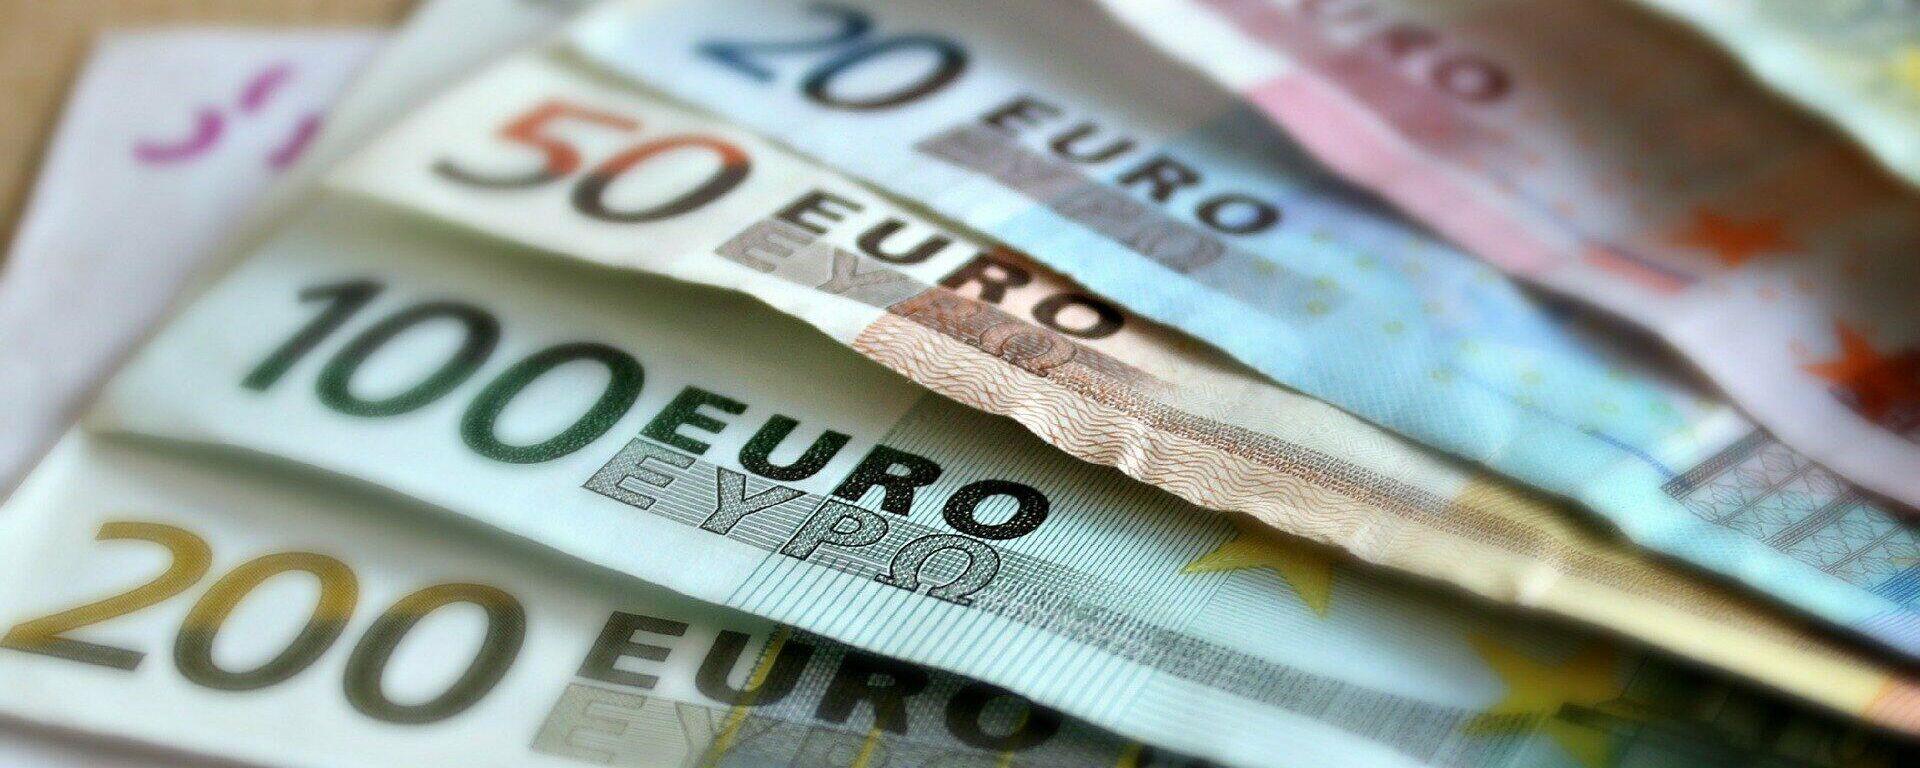 Euro-Scheine - SNA, 1920, 29.06.2021